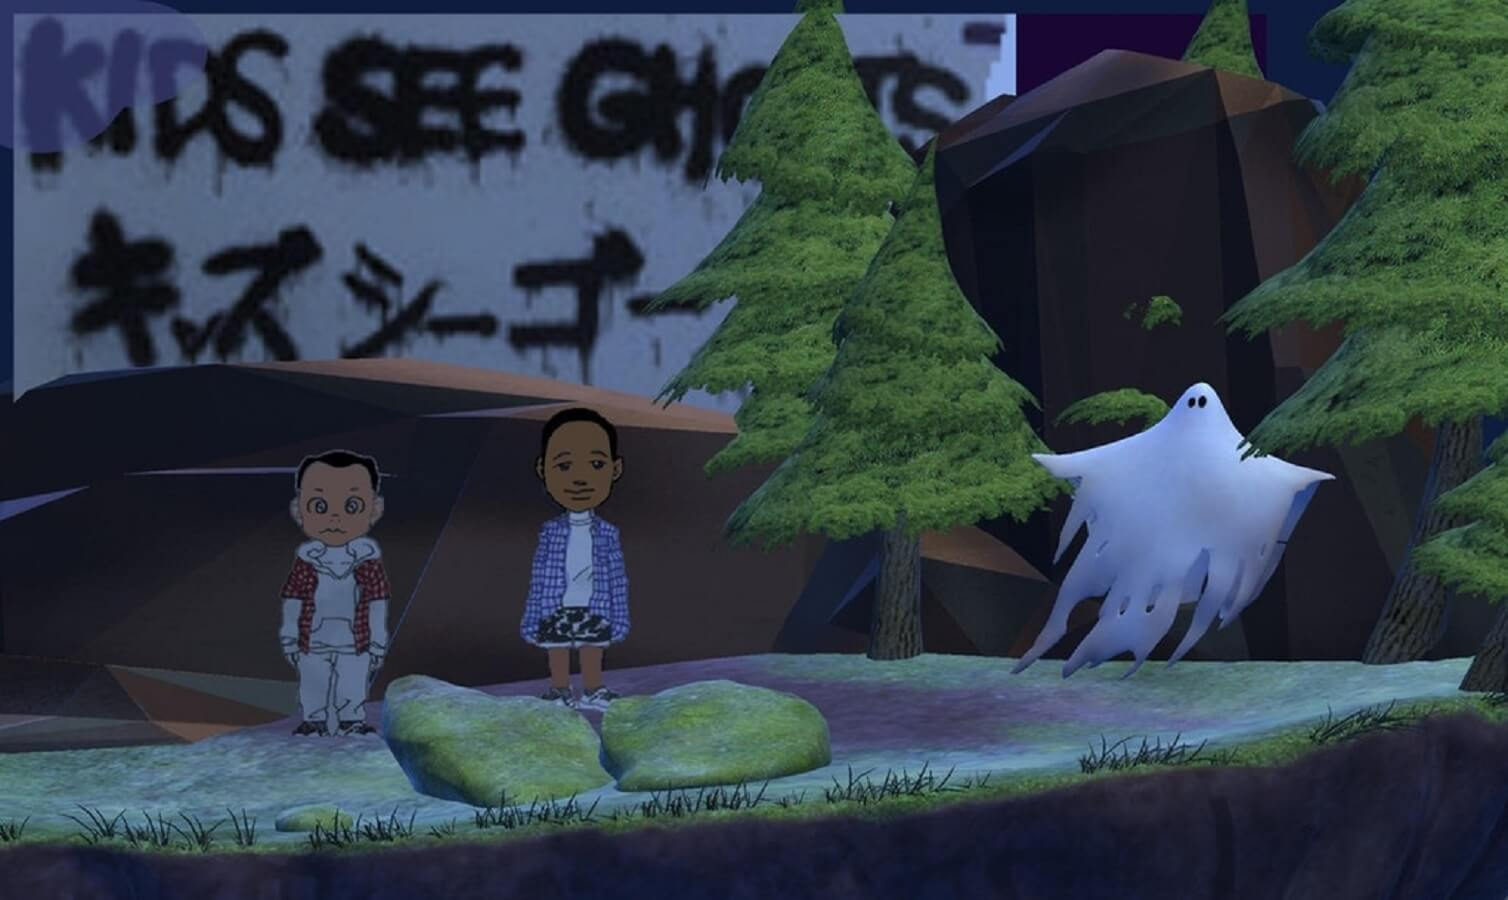 kids see ghost wav